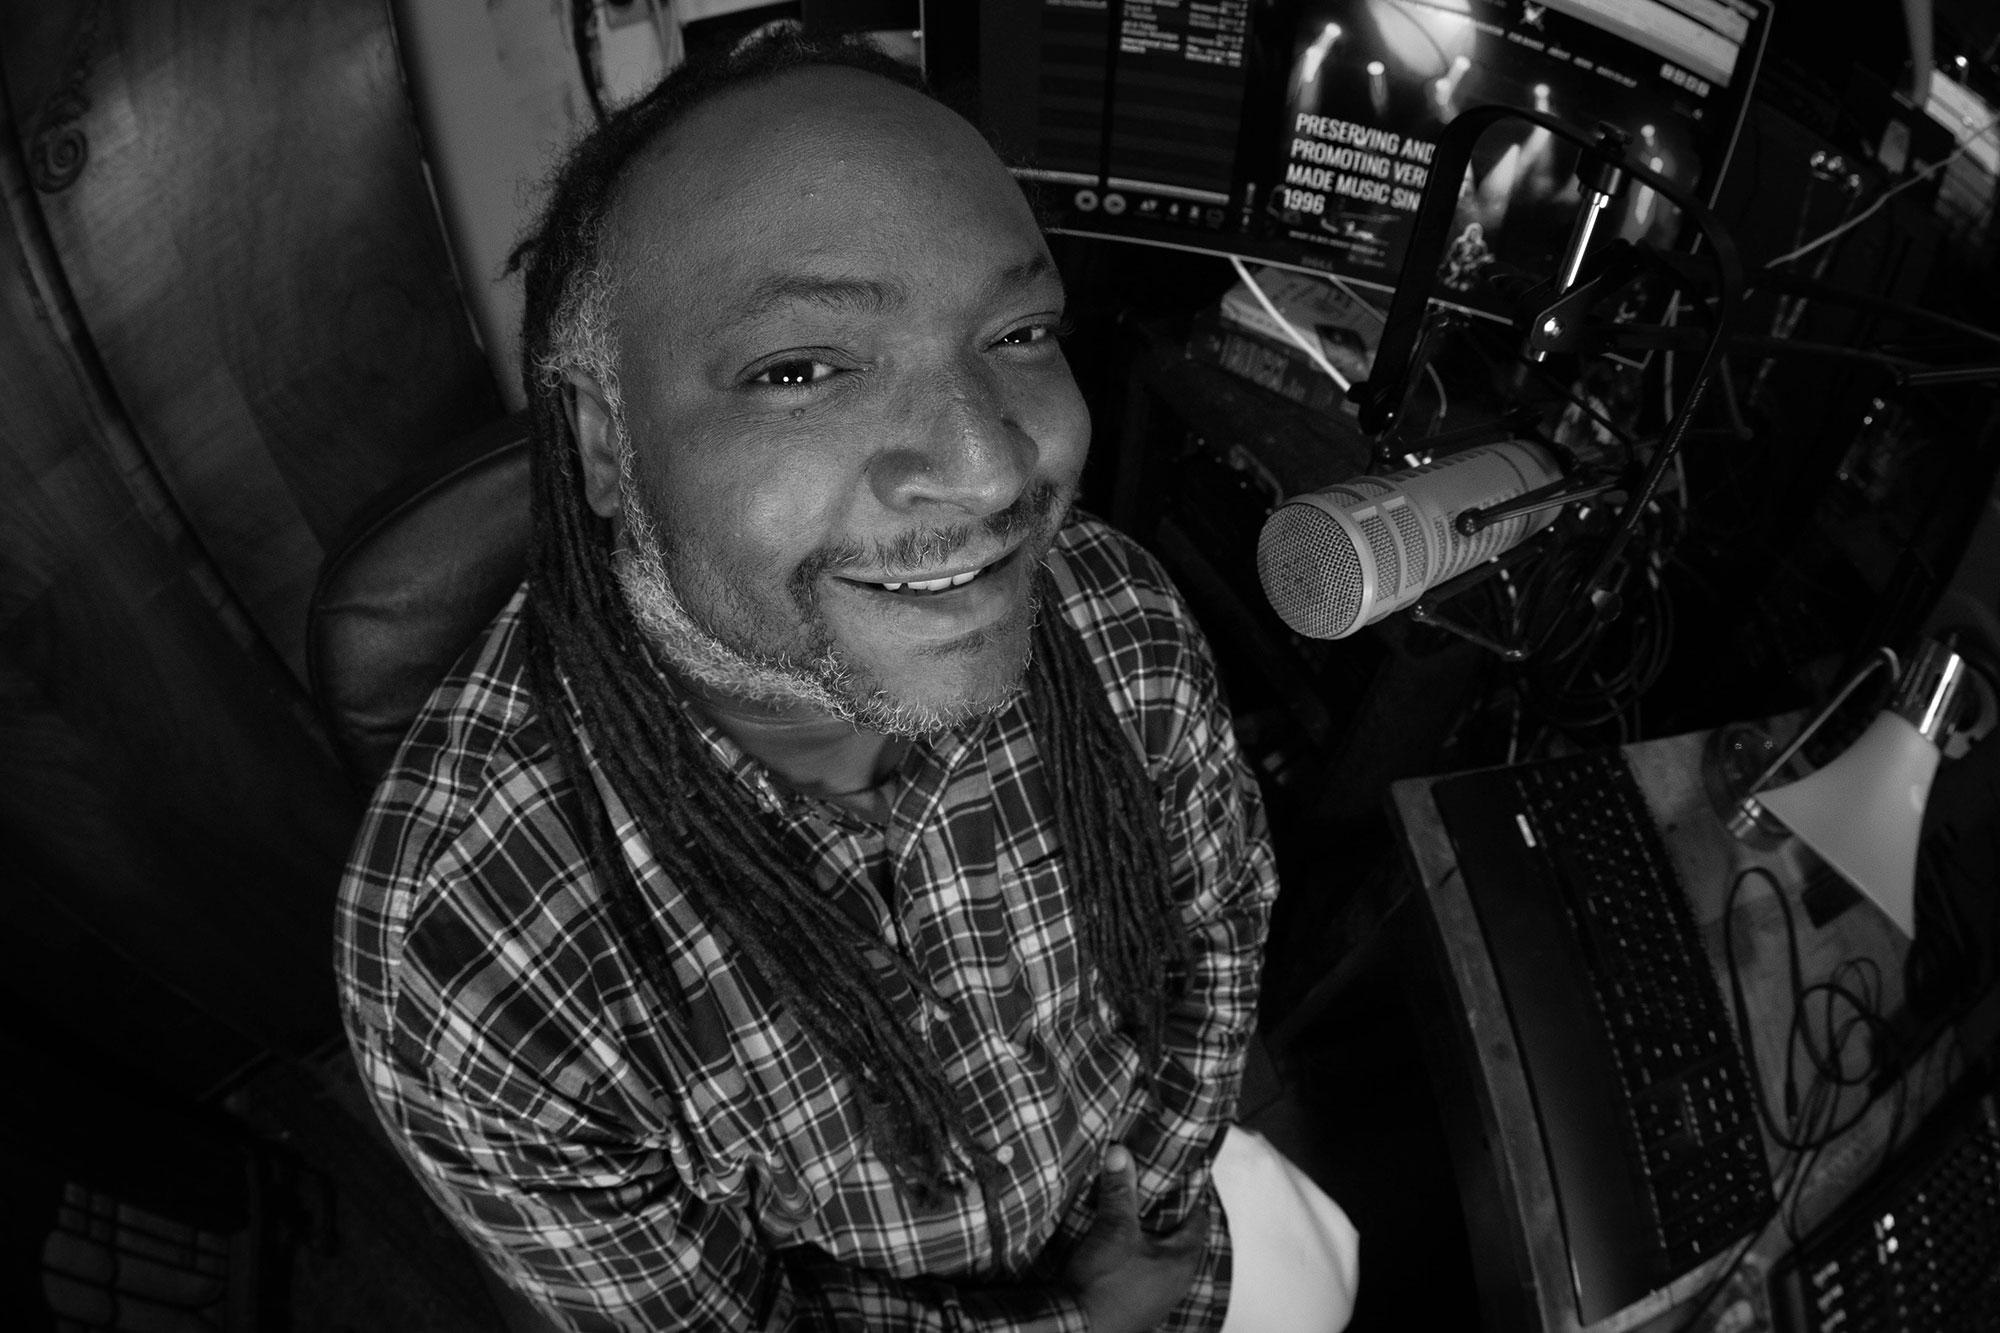 10pm-1amHeavy Hitta's - DJ FlameHip Hop, rap, R&B, reggae, dancehall and local artist interviews.